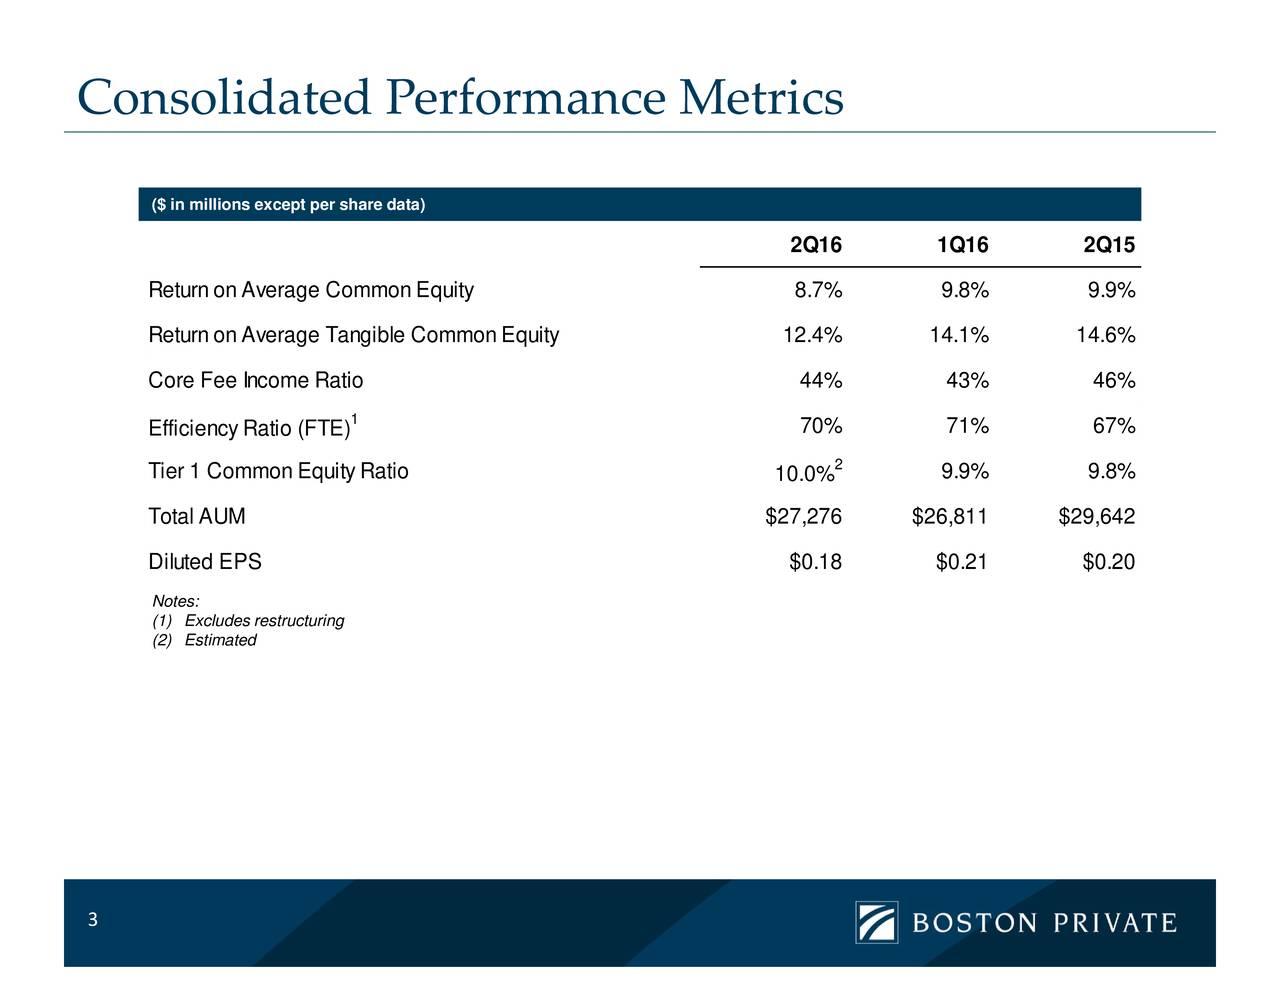 2 2Q16 1Q160% 2Q151% 67% 10.0% Metrics erformance 1 ($ in miReturnonrnorrFfiriomcyenRitoitom)mon Equitytructuring 8.712.4%44% 9.8% 3 Consolidated